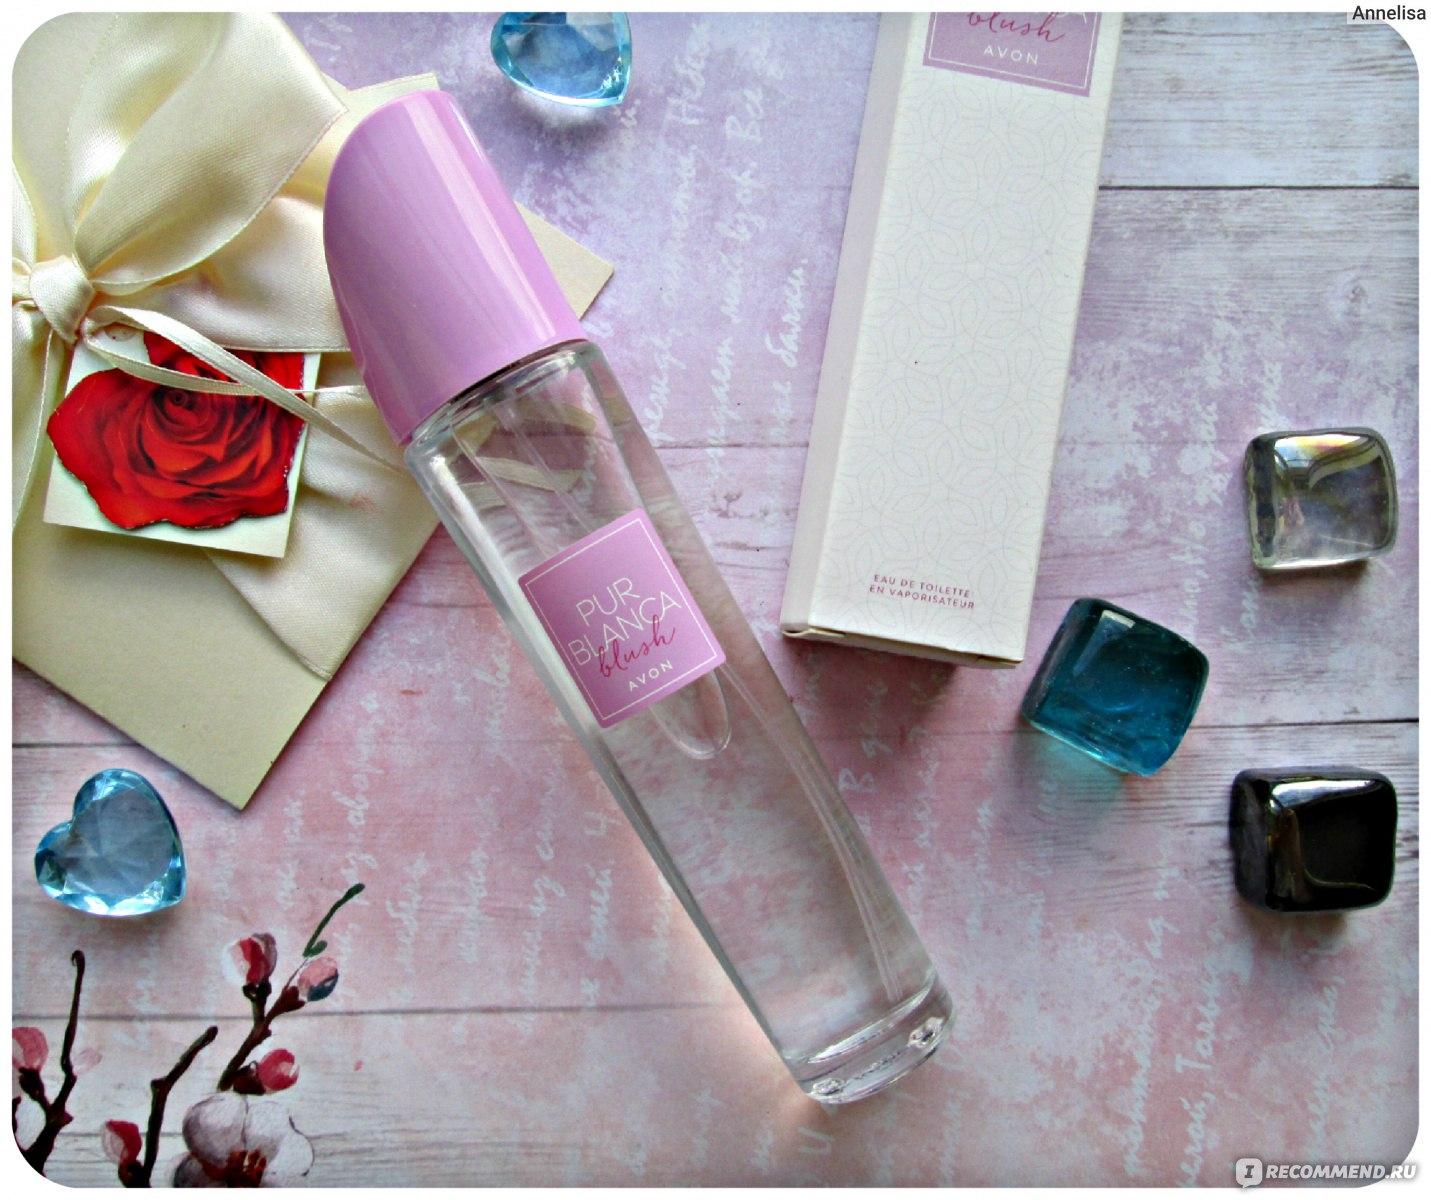 Pur blanca blush цена где недорого купить корейскую косметику